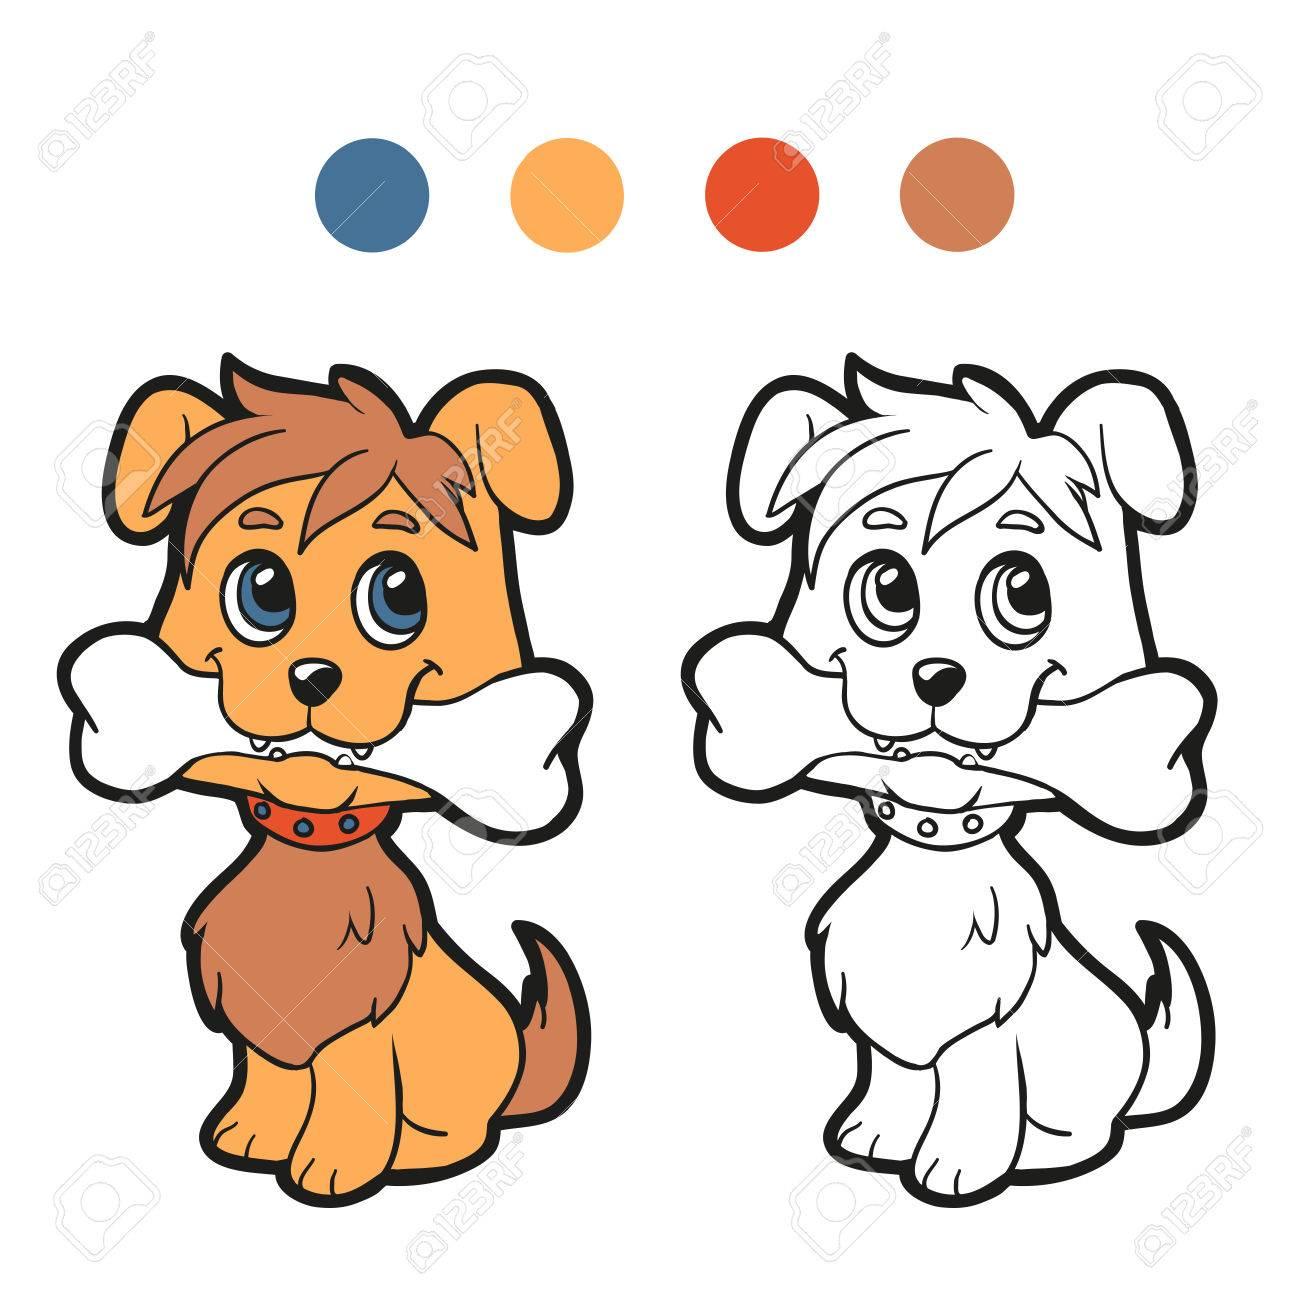 塗り絵 犬のイラスト素材ベクタ Image 33866979